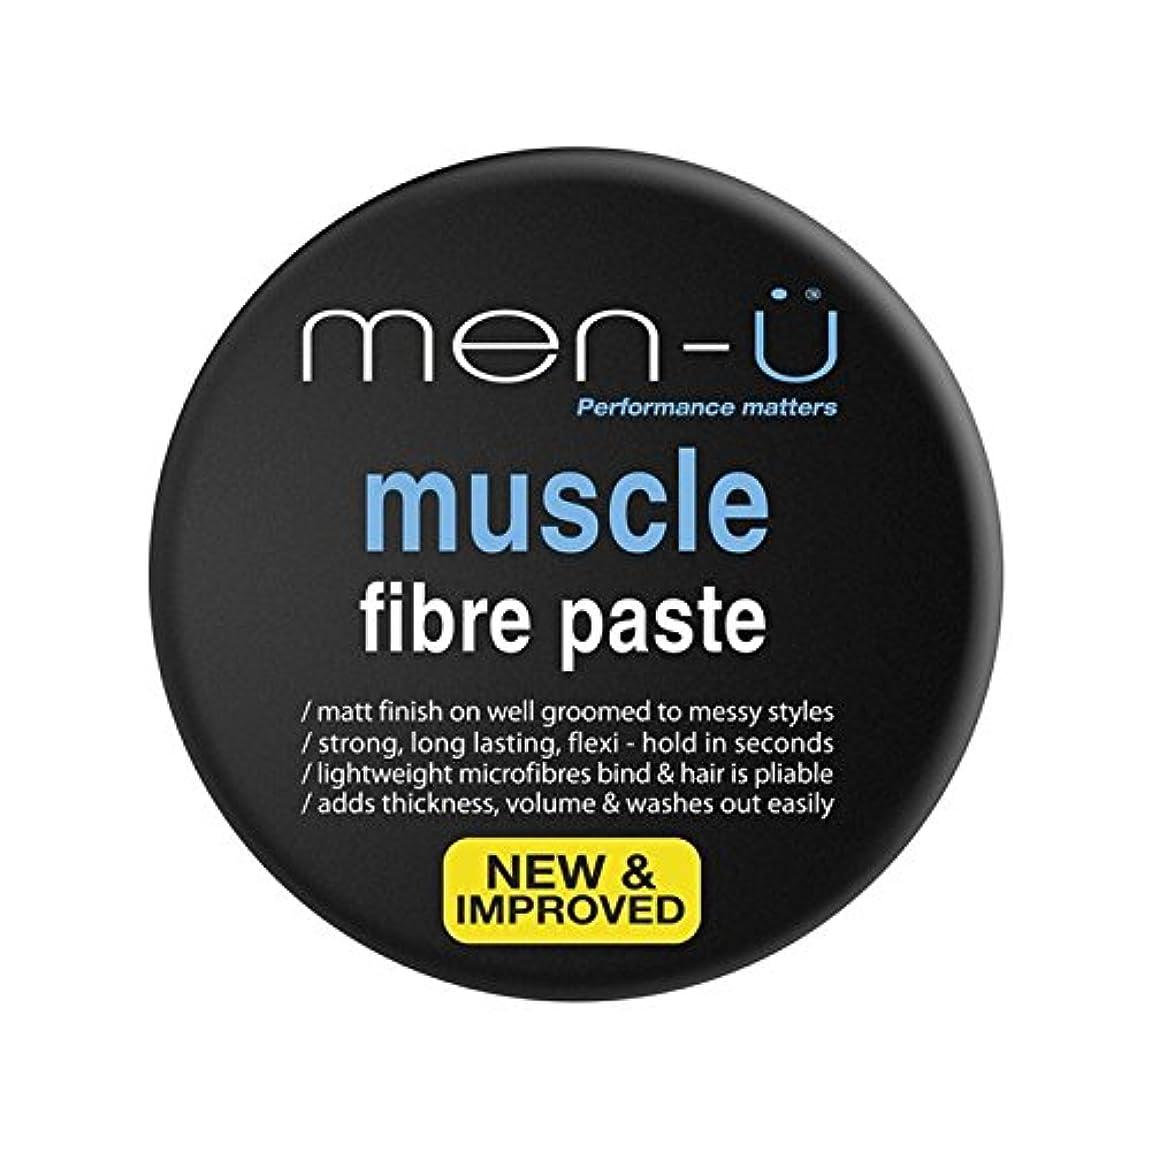 植生低下悪化するMen-? Muscle Fibre Paste (100ml) - 男性-?筋線維ペースト(100ミリリットル) [並行輸入品]